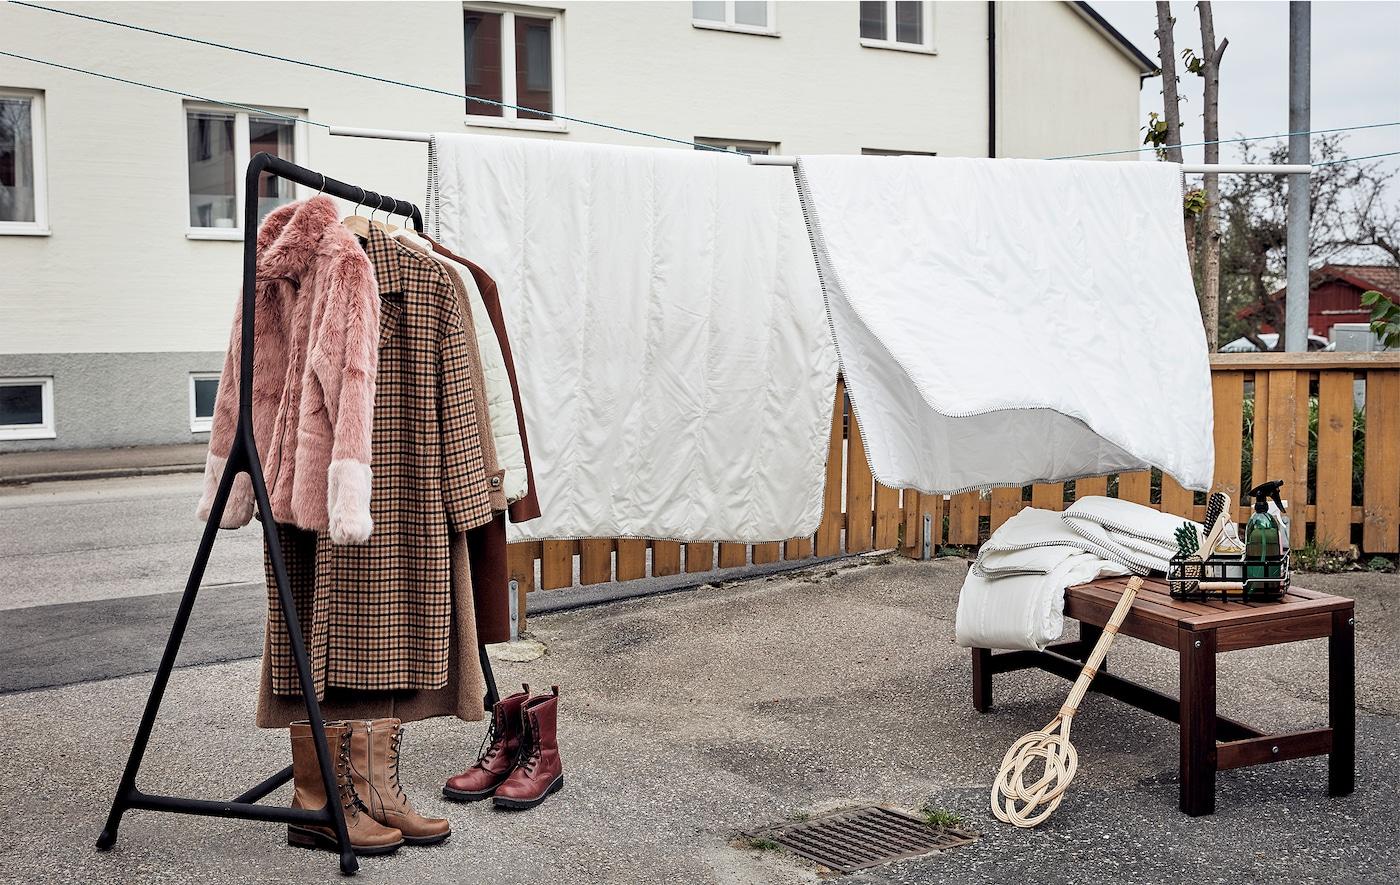 Wybrukowany ogródek przygotowany na wiosenne porządki: kołdry zawieszone na sznurkach, wieszak na ubrania, buty, tekstylia, akcesoria do czyszczenia.